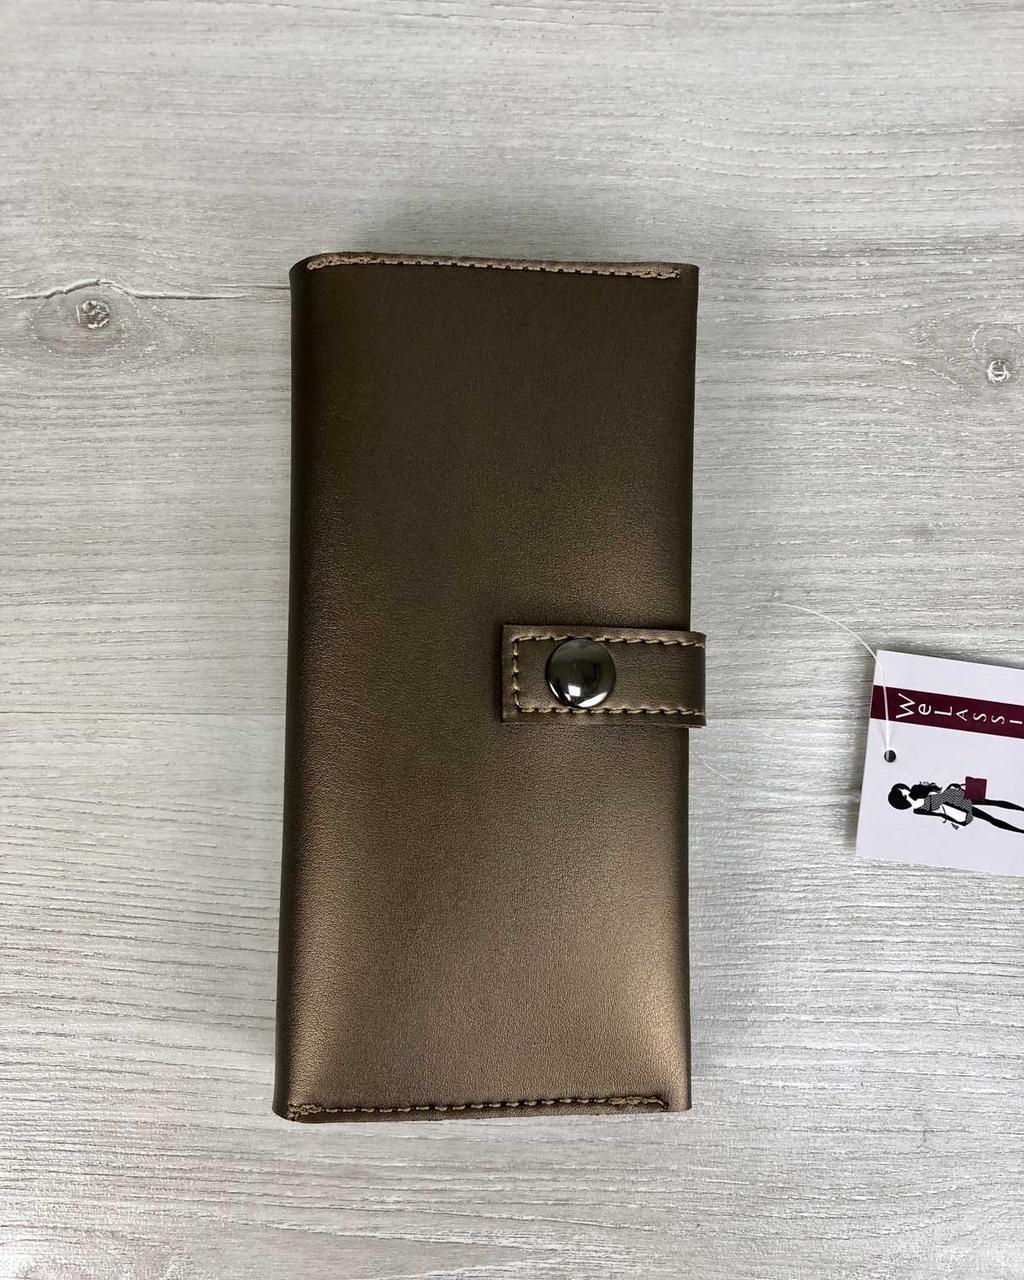 Удобный стильный кошелек-портмоне женский с кнопкой посередине Бронзовый кошелек женский из эко-кожи мягкий